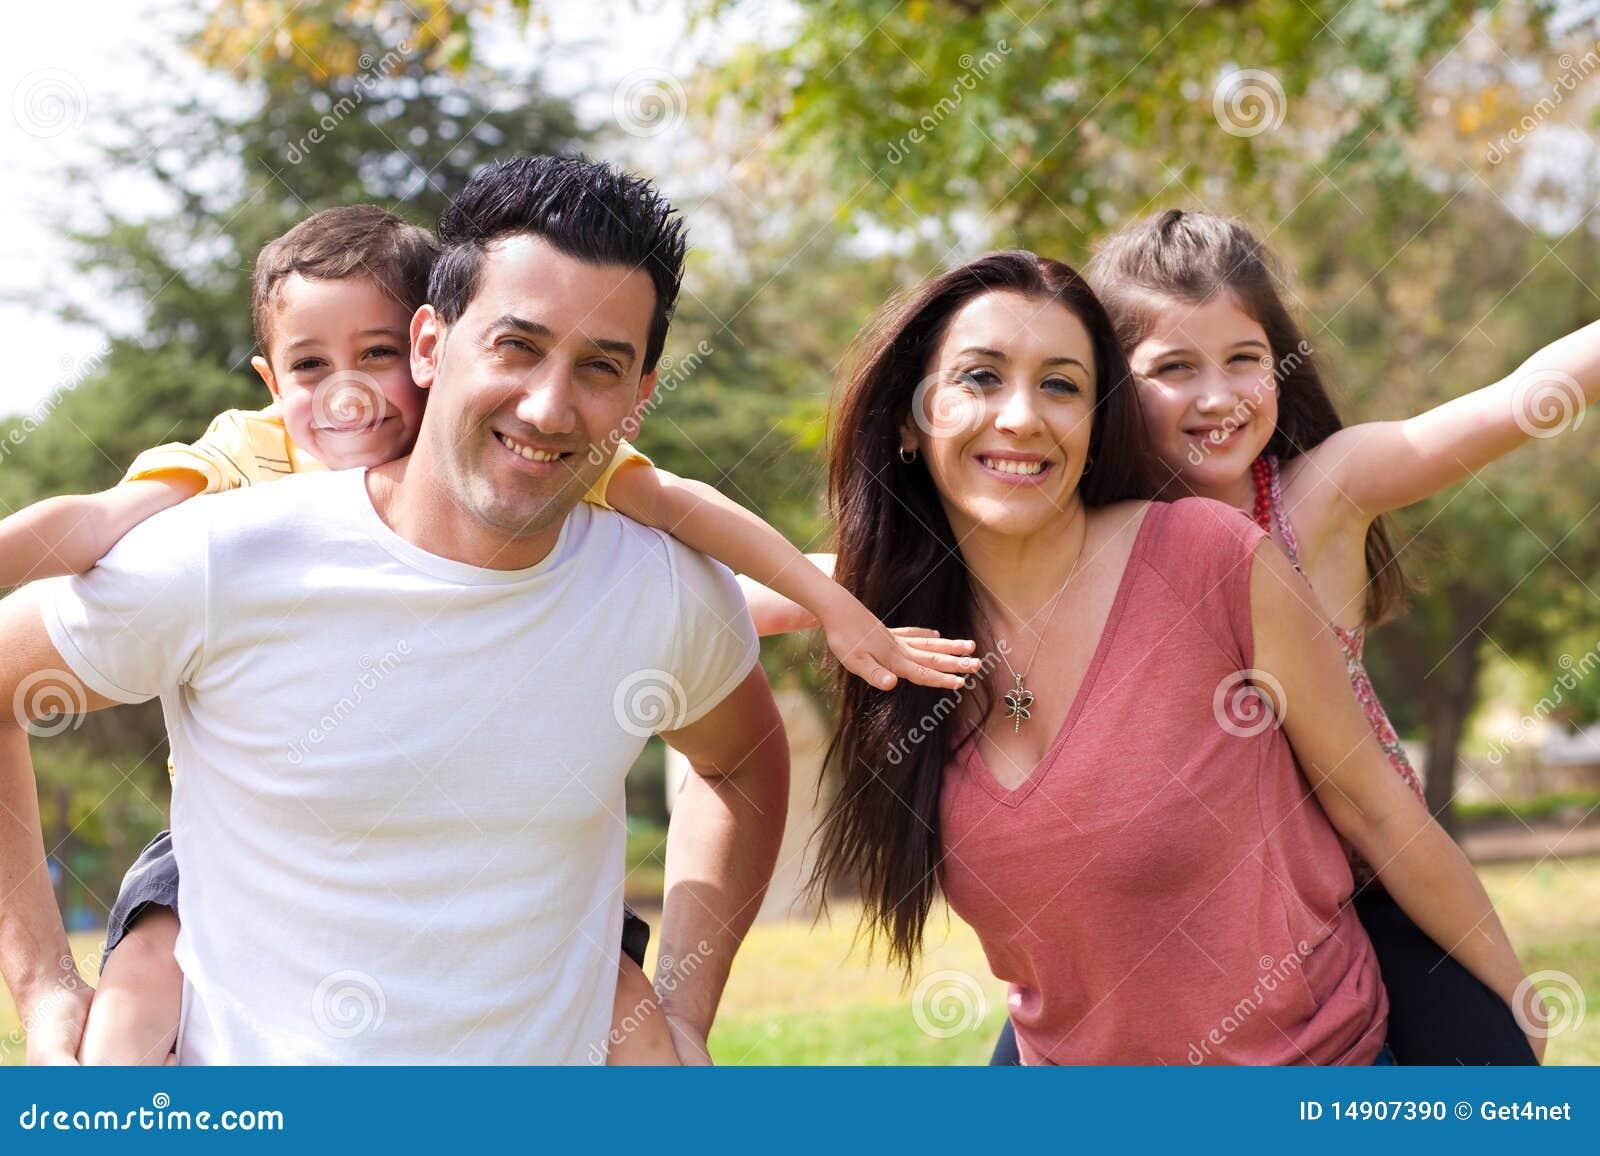 Tillbaka barns föräldrar på ryggen till